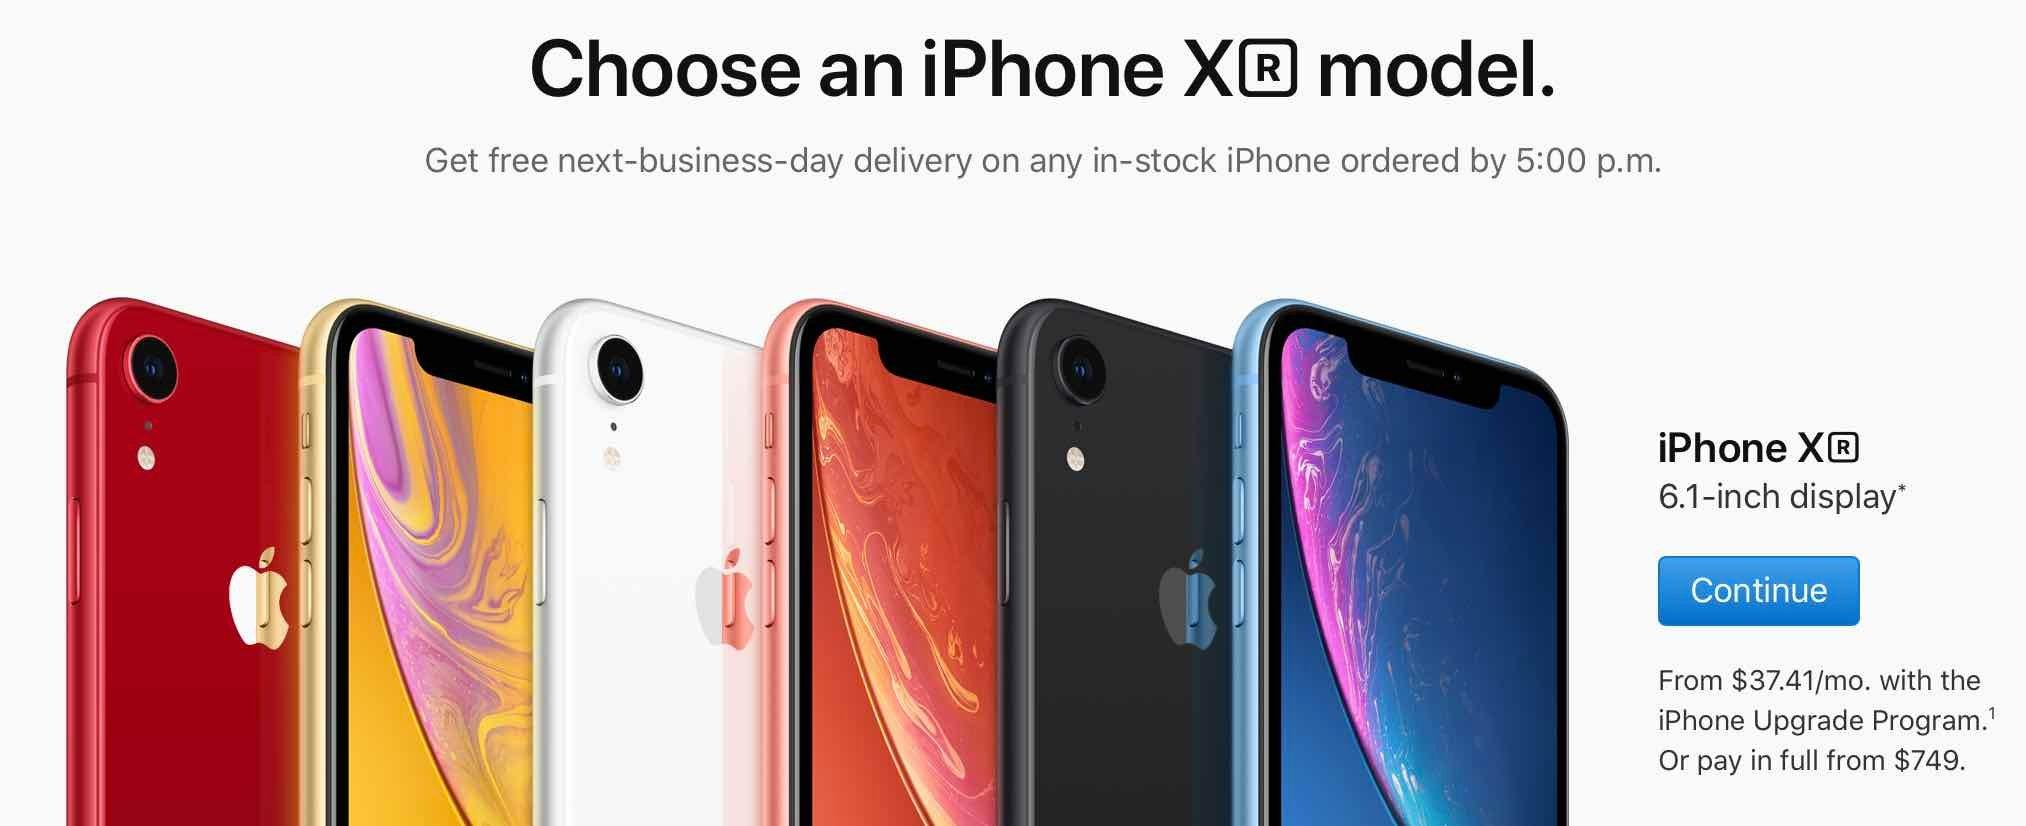 Apple iPhone Buy Now